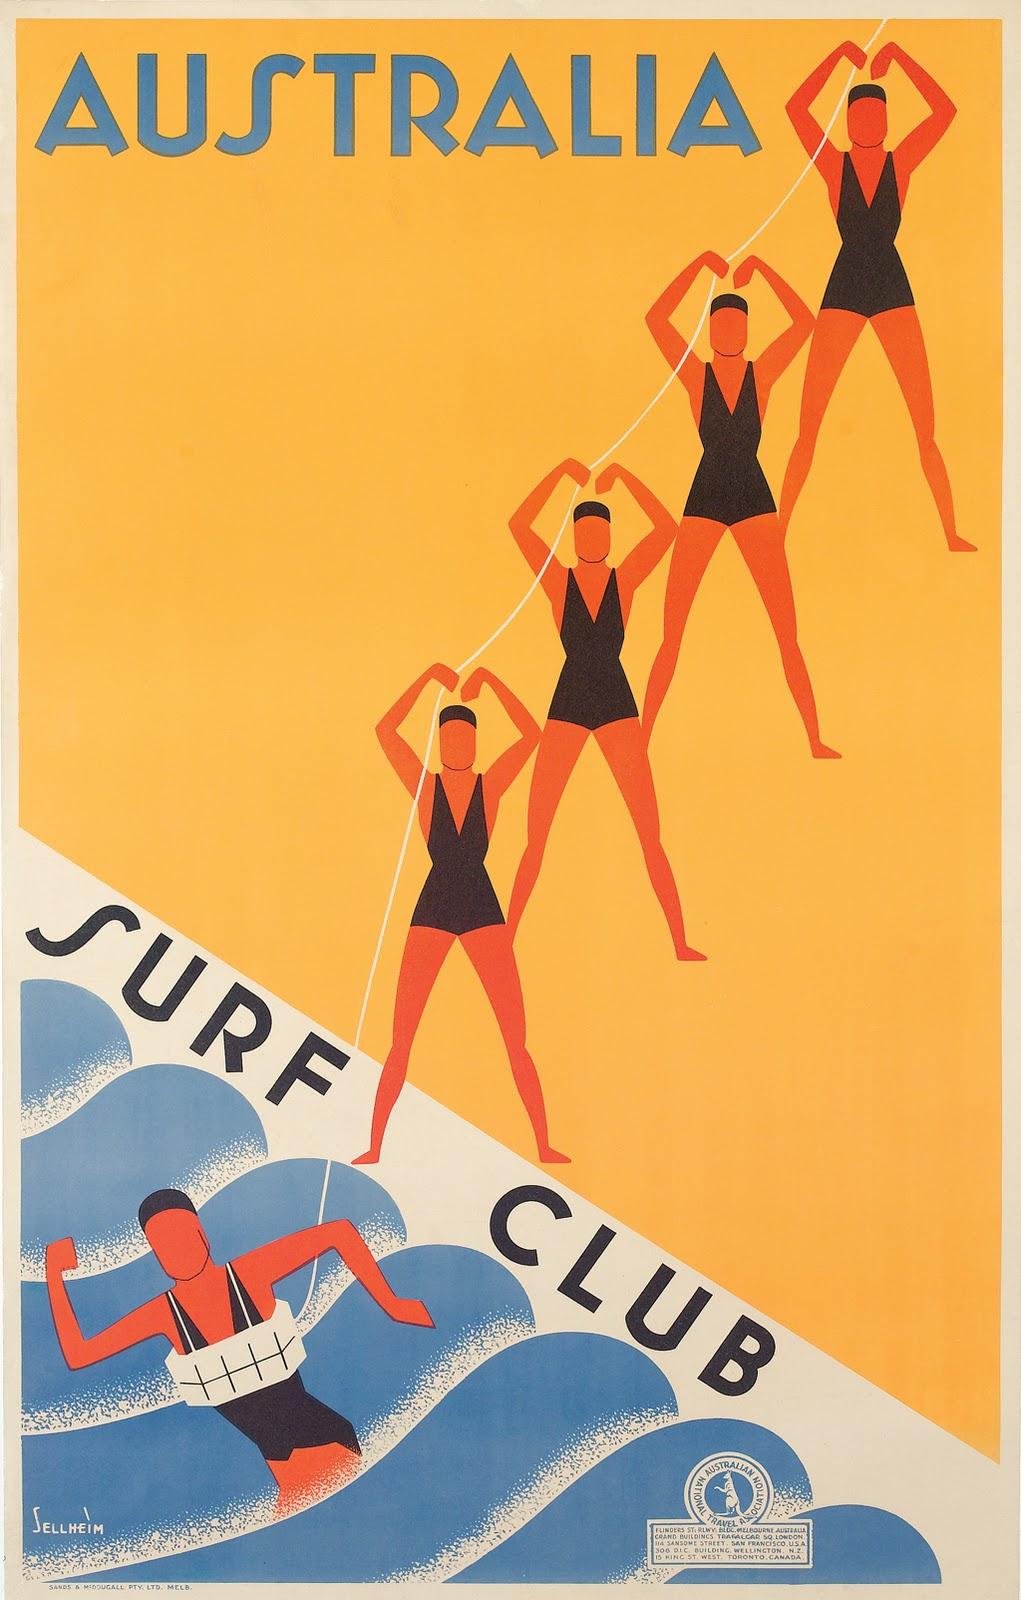 el bloggo de mango: Vintage Travel Posters - A Compilation